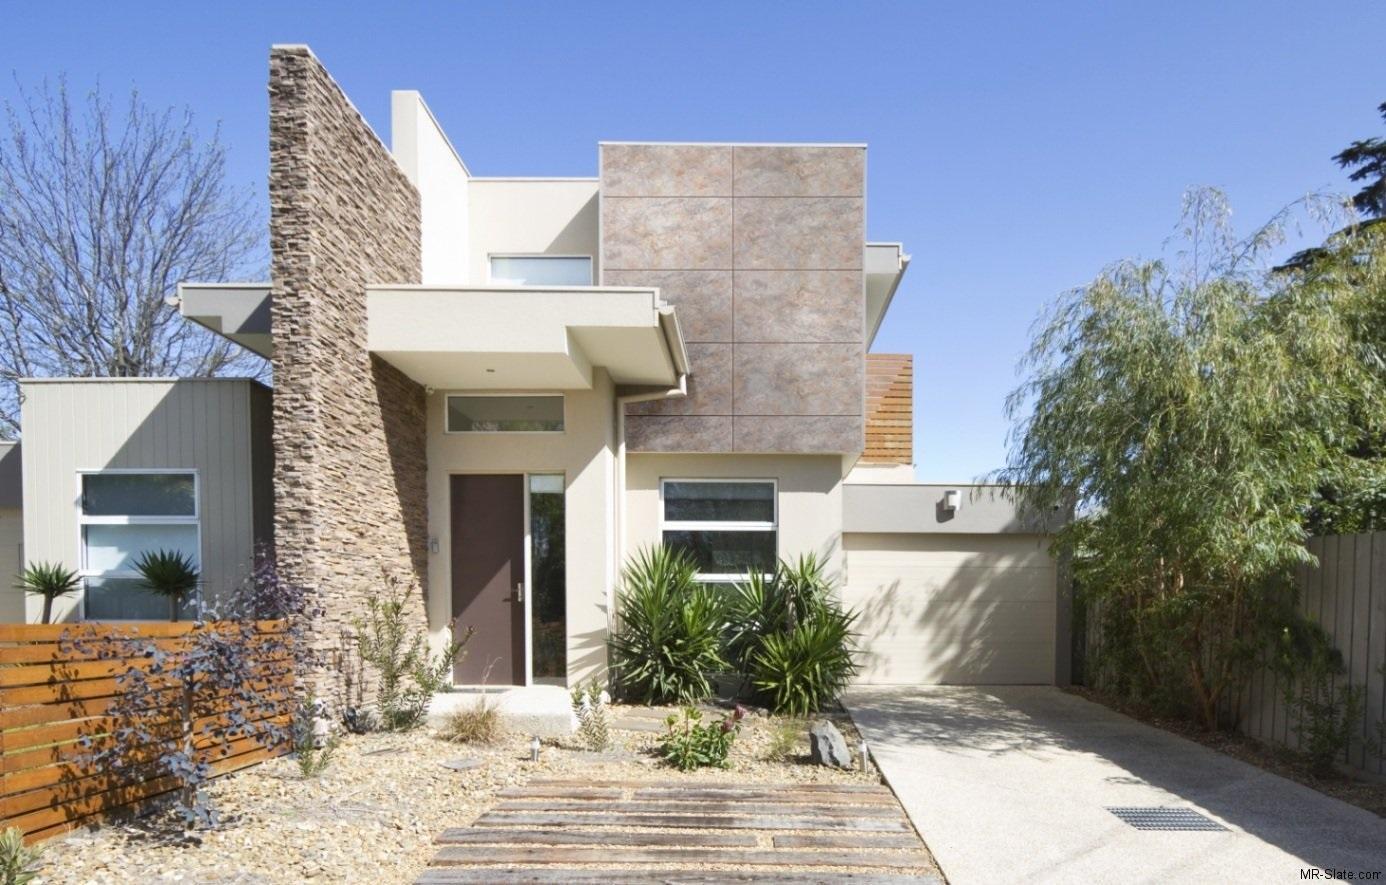 60 modelos de muros residenciais fachadas fotos e dicas for Quanto costa una casa a due piani